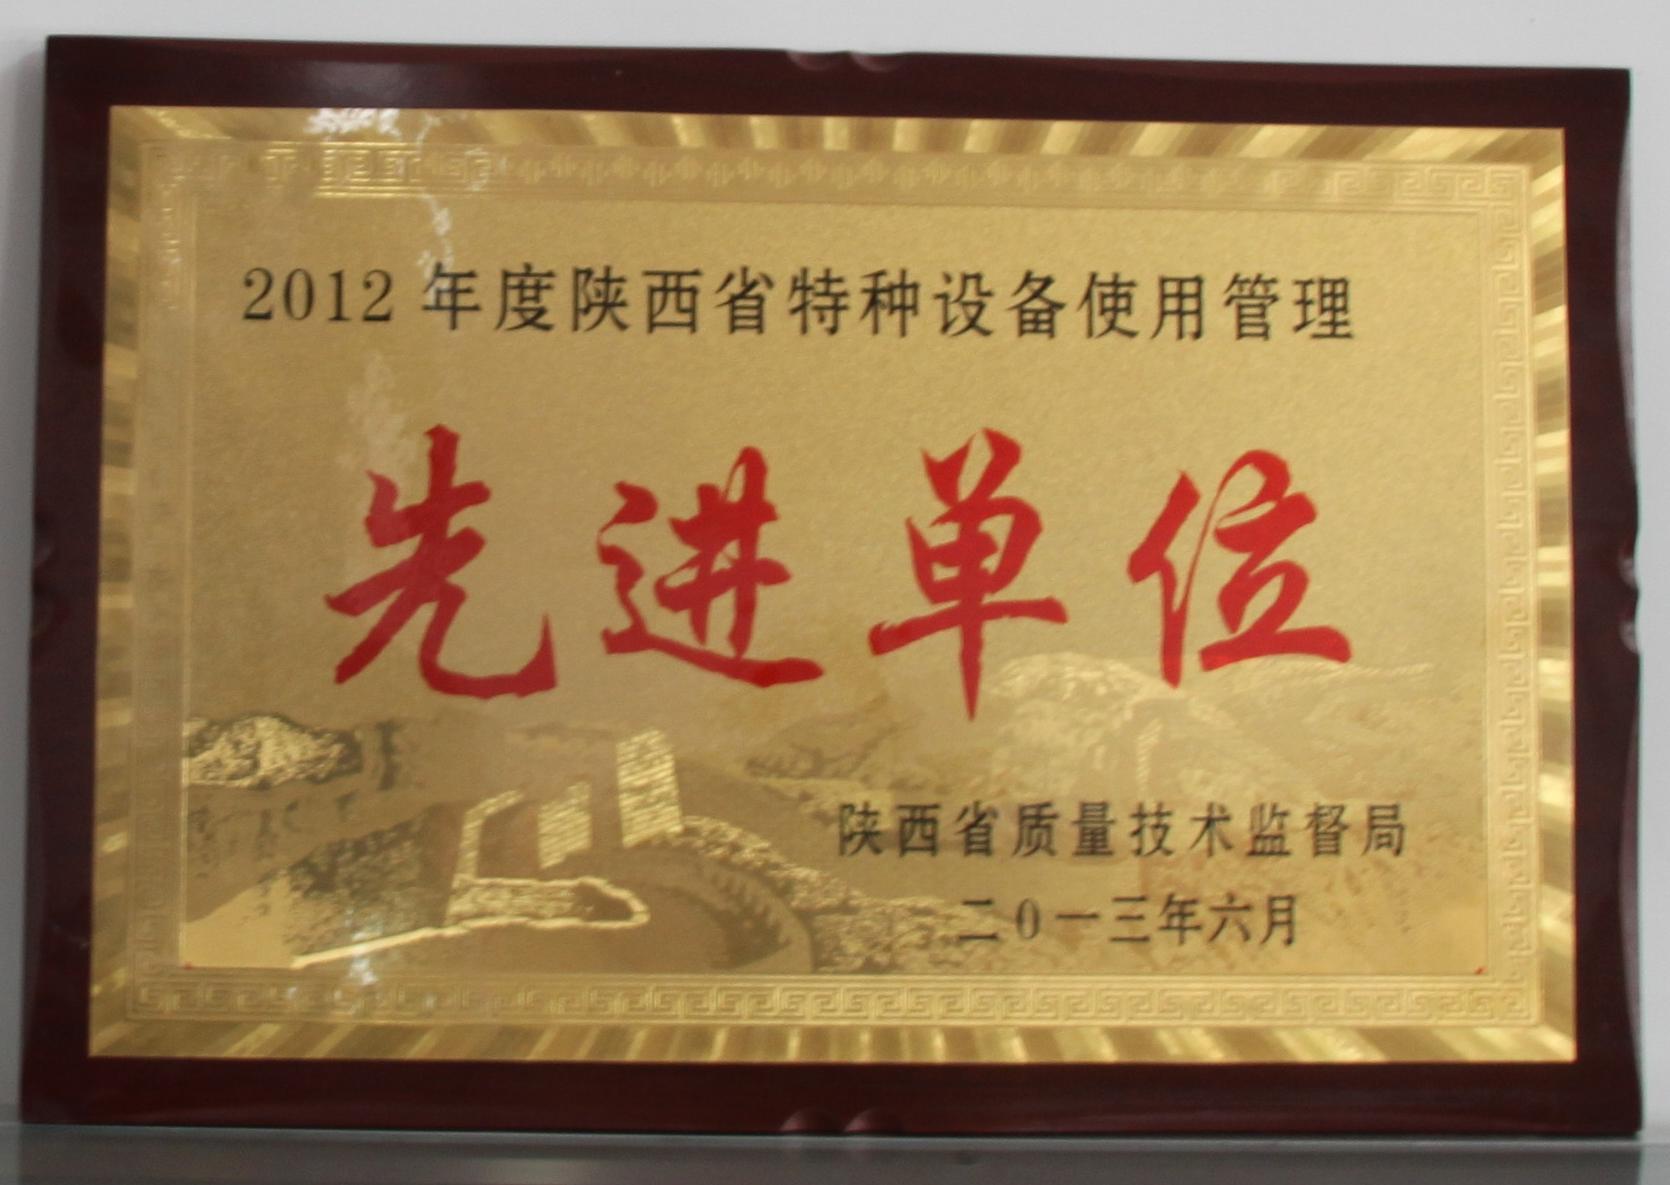 2012年度陕西省特种设备使用管理先进单位